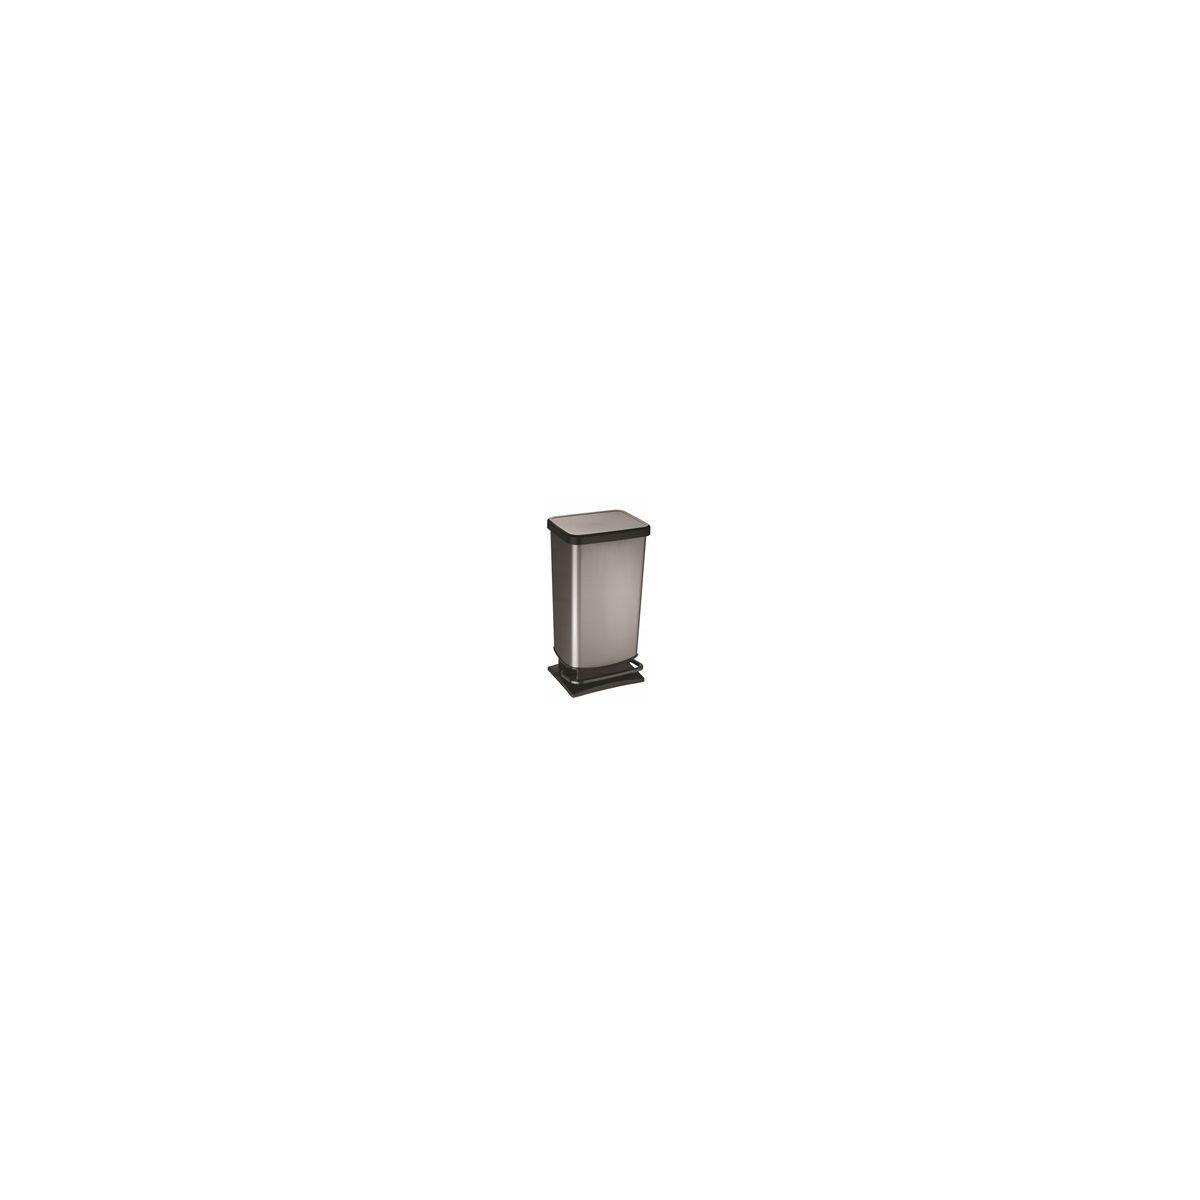 Poubelle manuelle ESSENTIELB rectangulaire à pédale Carbone 40L (photo)